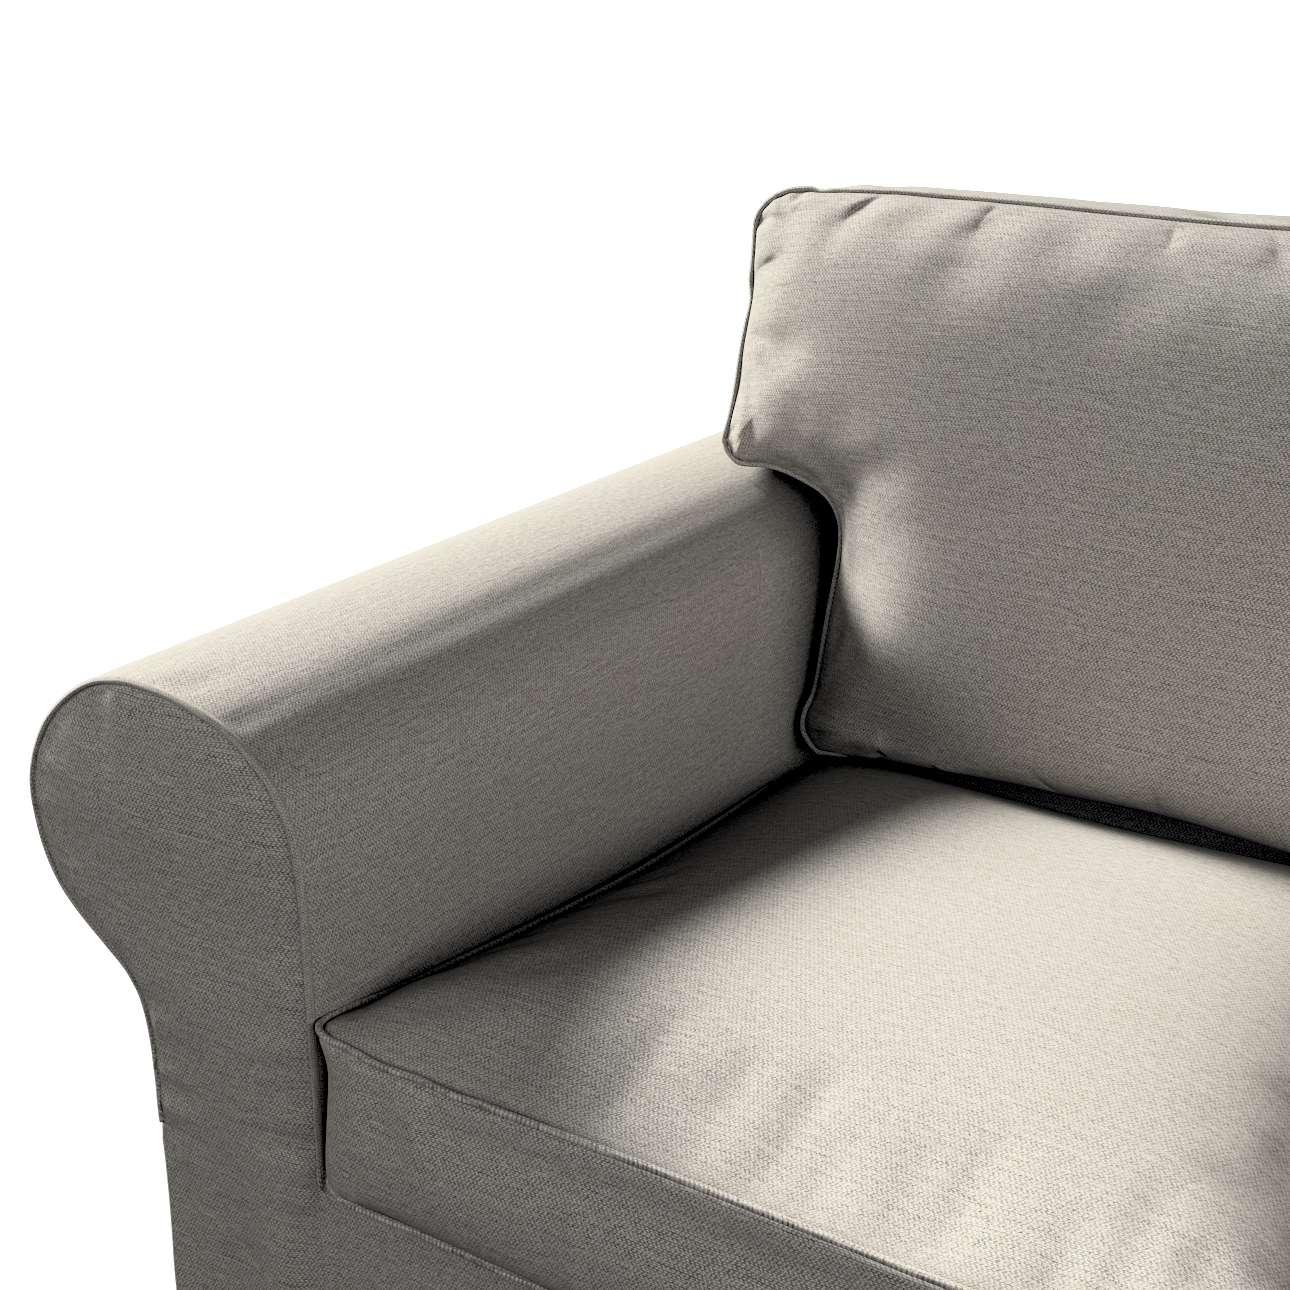 IKEA hoes voor 2-zitsslaapbank - OUD model van de collectie Madrid, Stof: 161-91